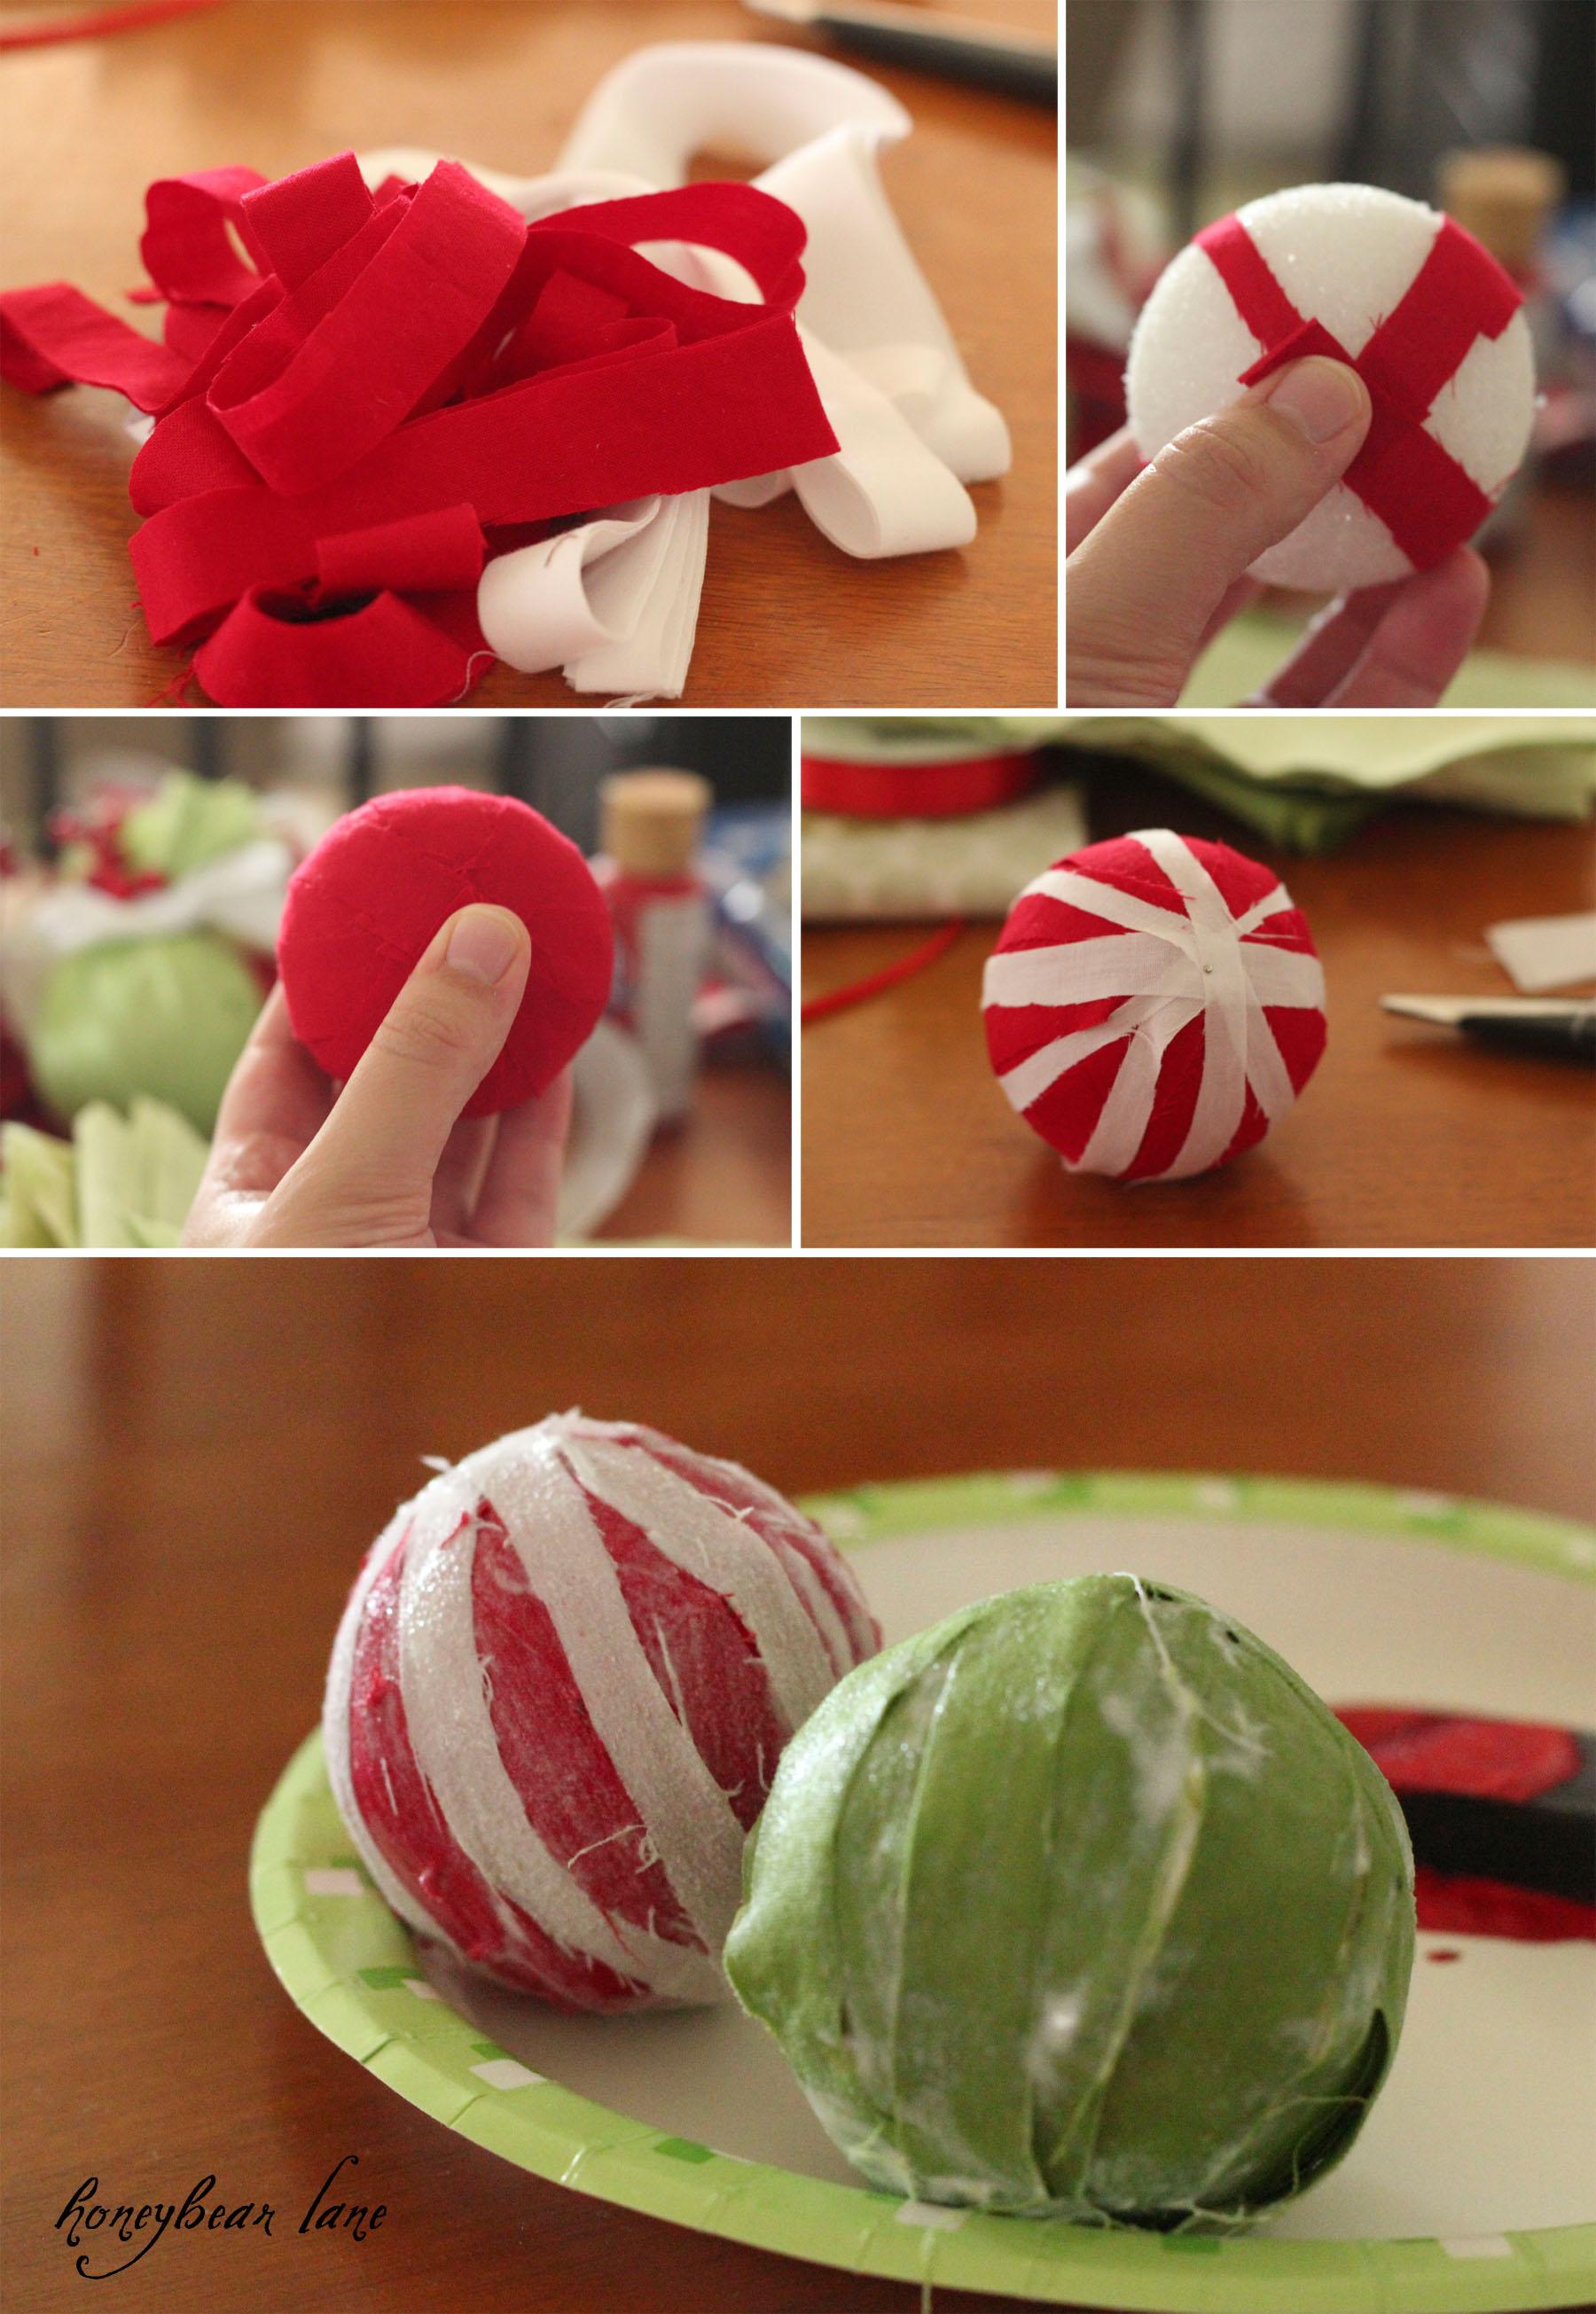 Christmas Crafts: Make Christmas Balls!